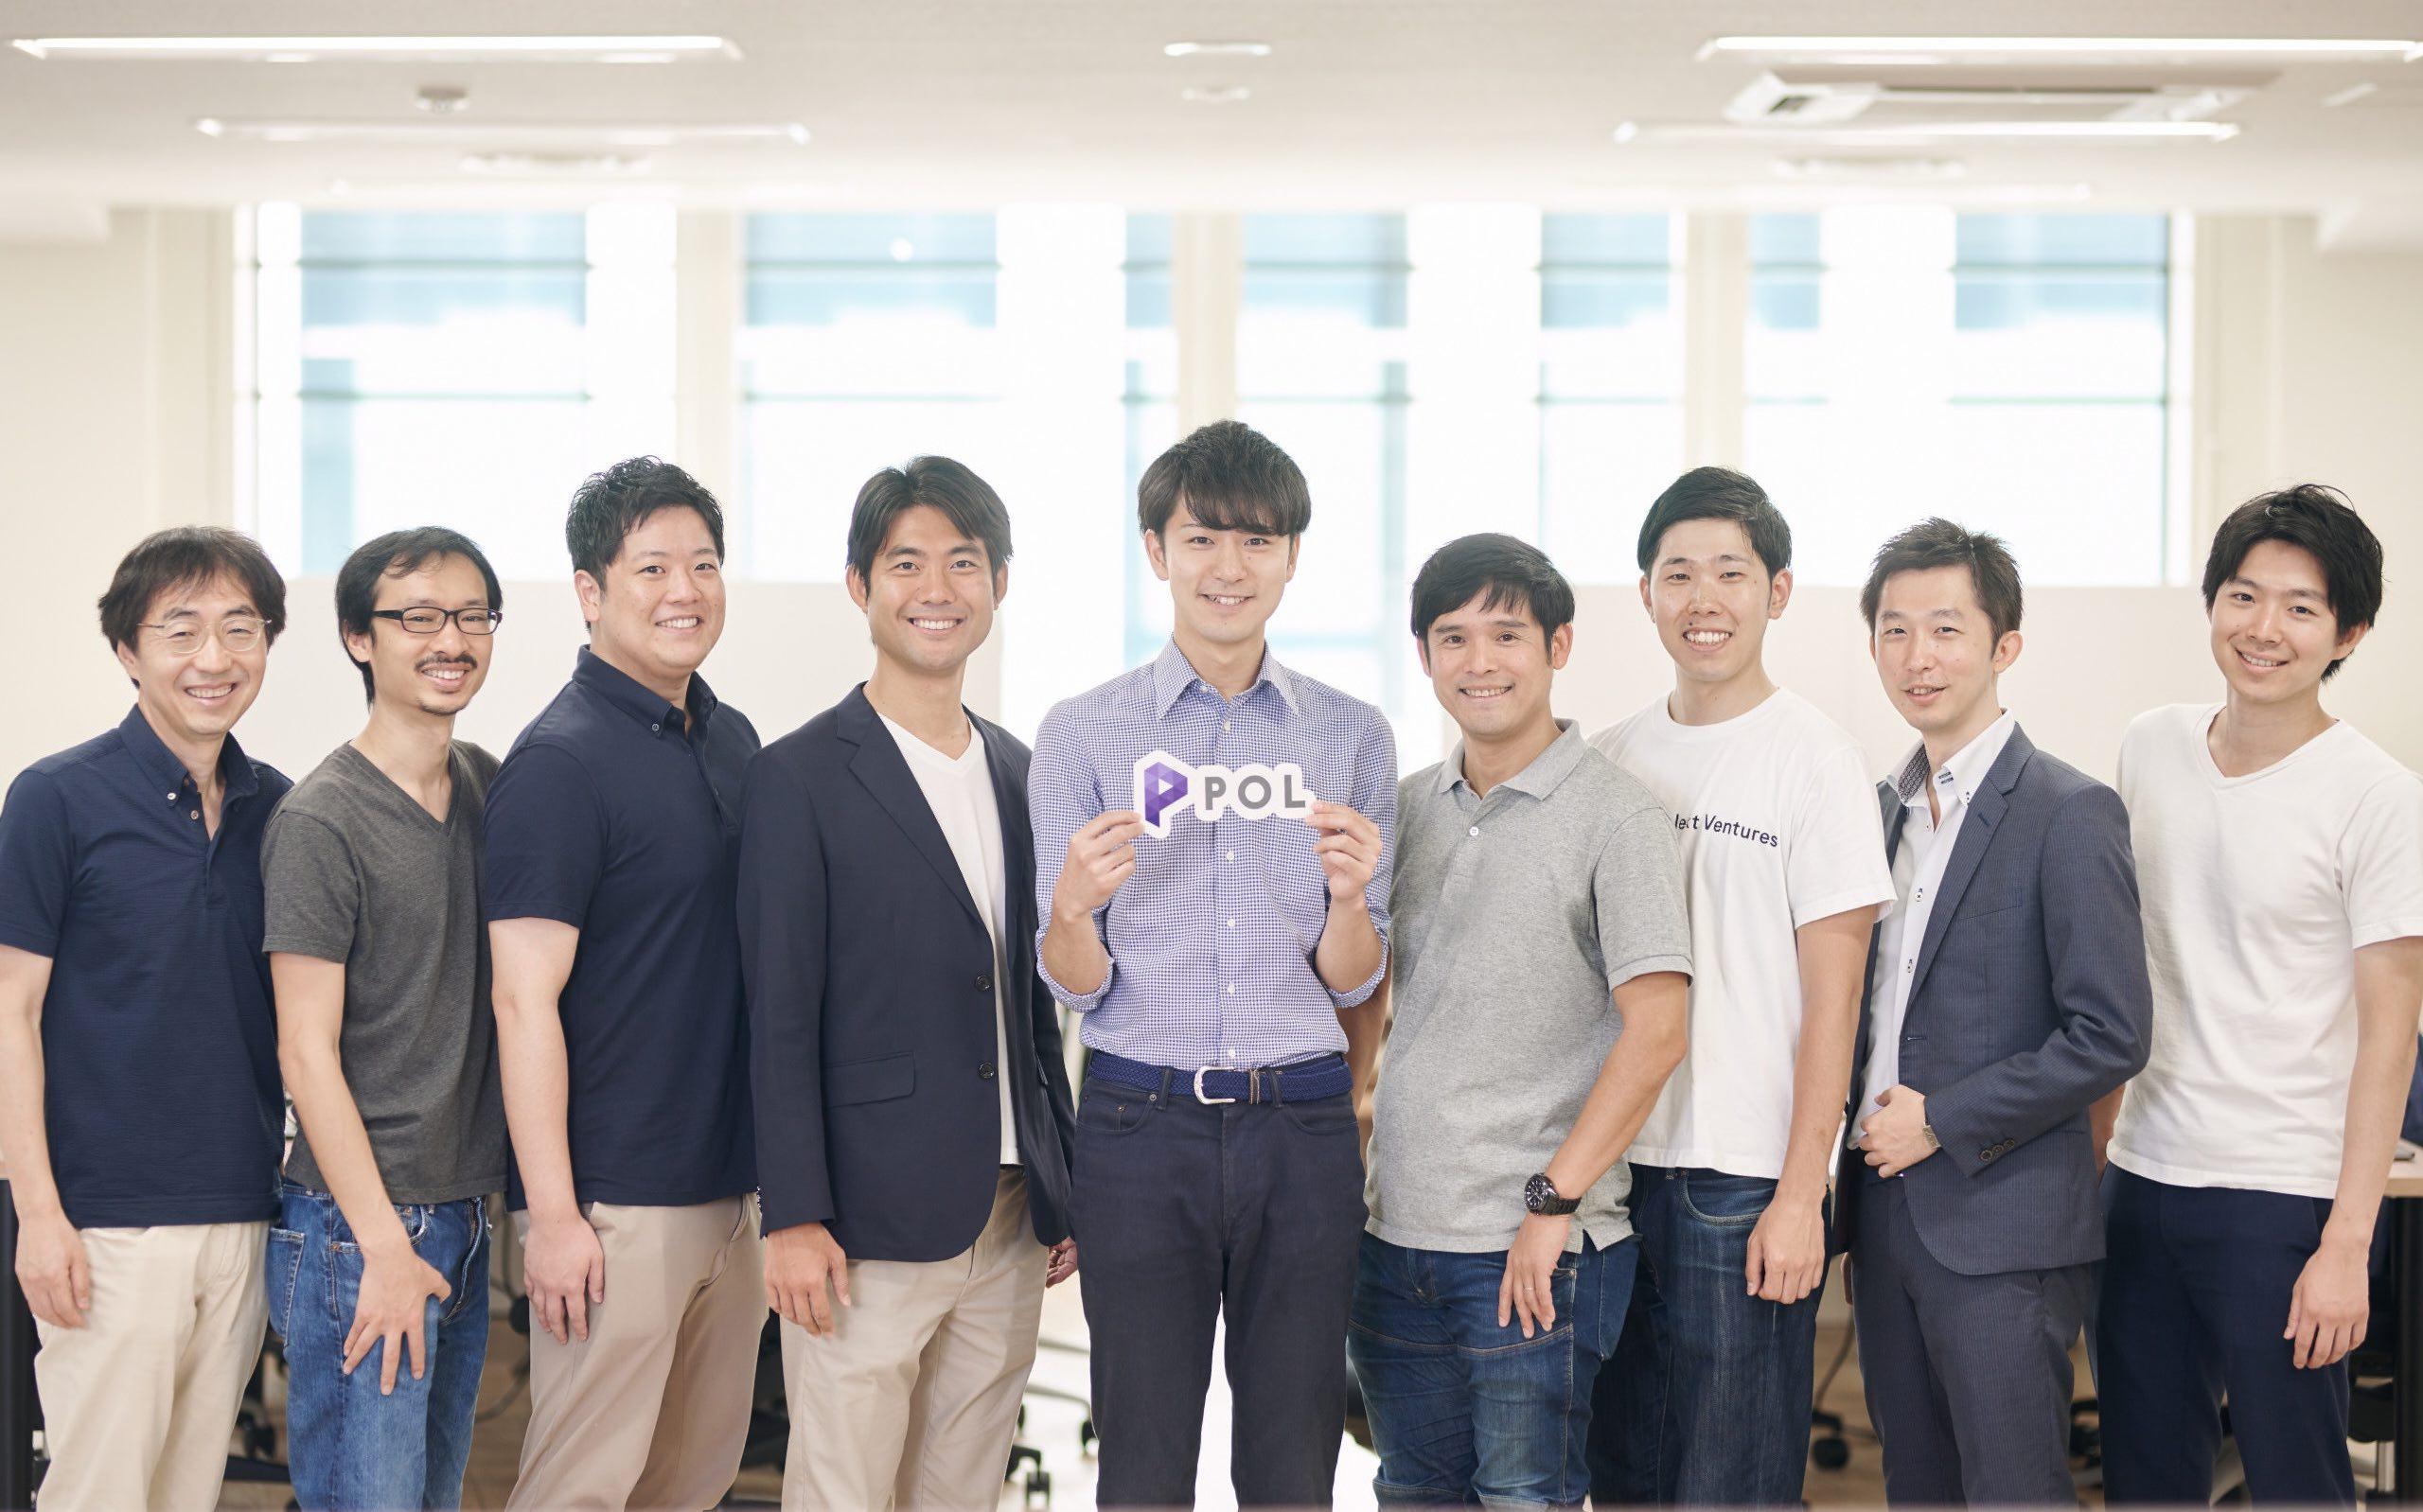 理系学生をスカウトできる新卒採用サービス「LabBase」のPOL、シリーズAで10億円調達